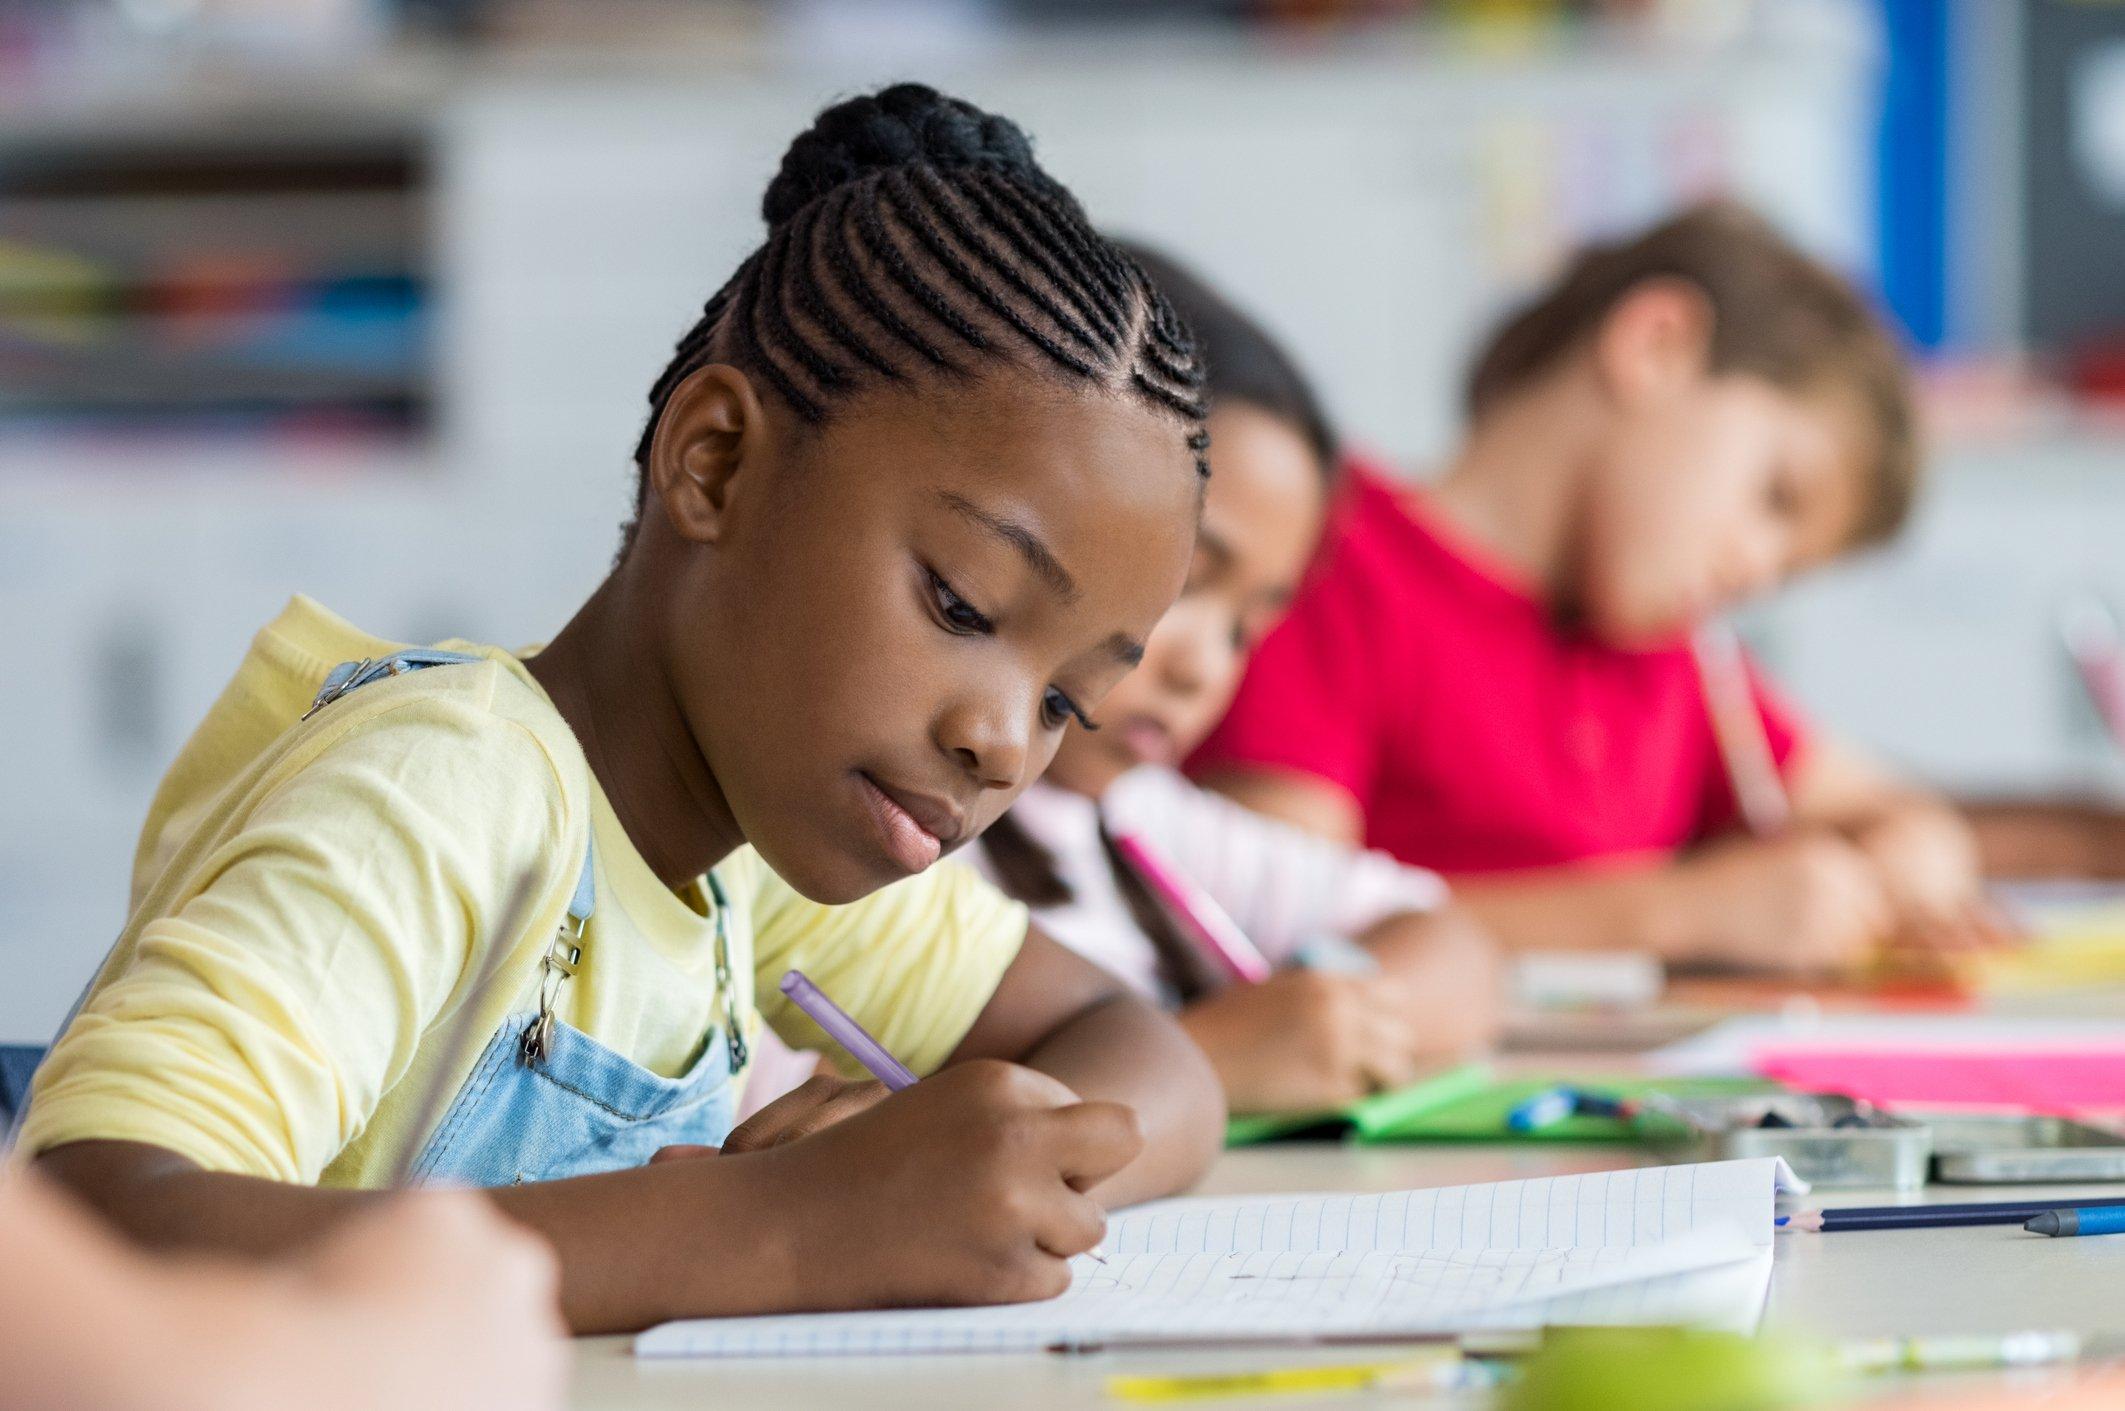 Phụ huynh có thể áp dụng một số phương pháp học tiếng Anh bằng hình ảnh cho trẻ